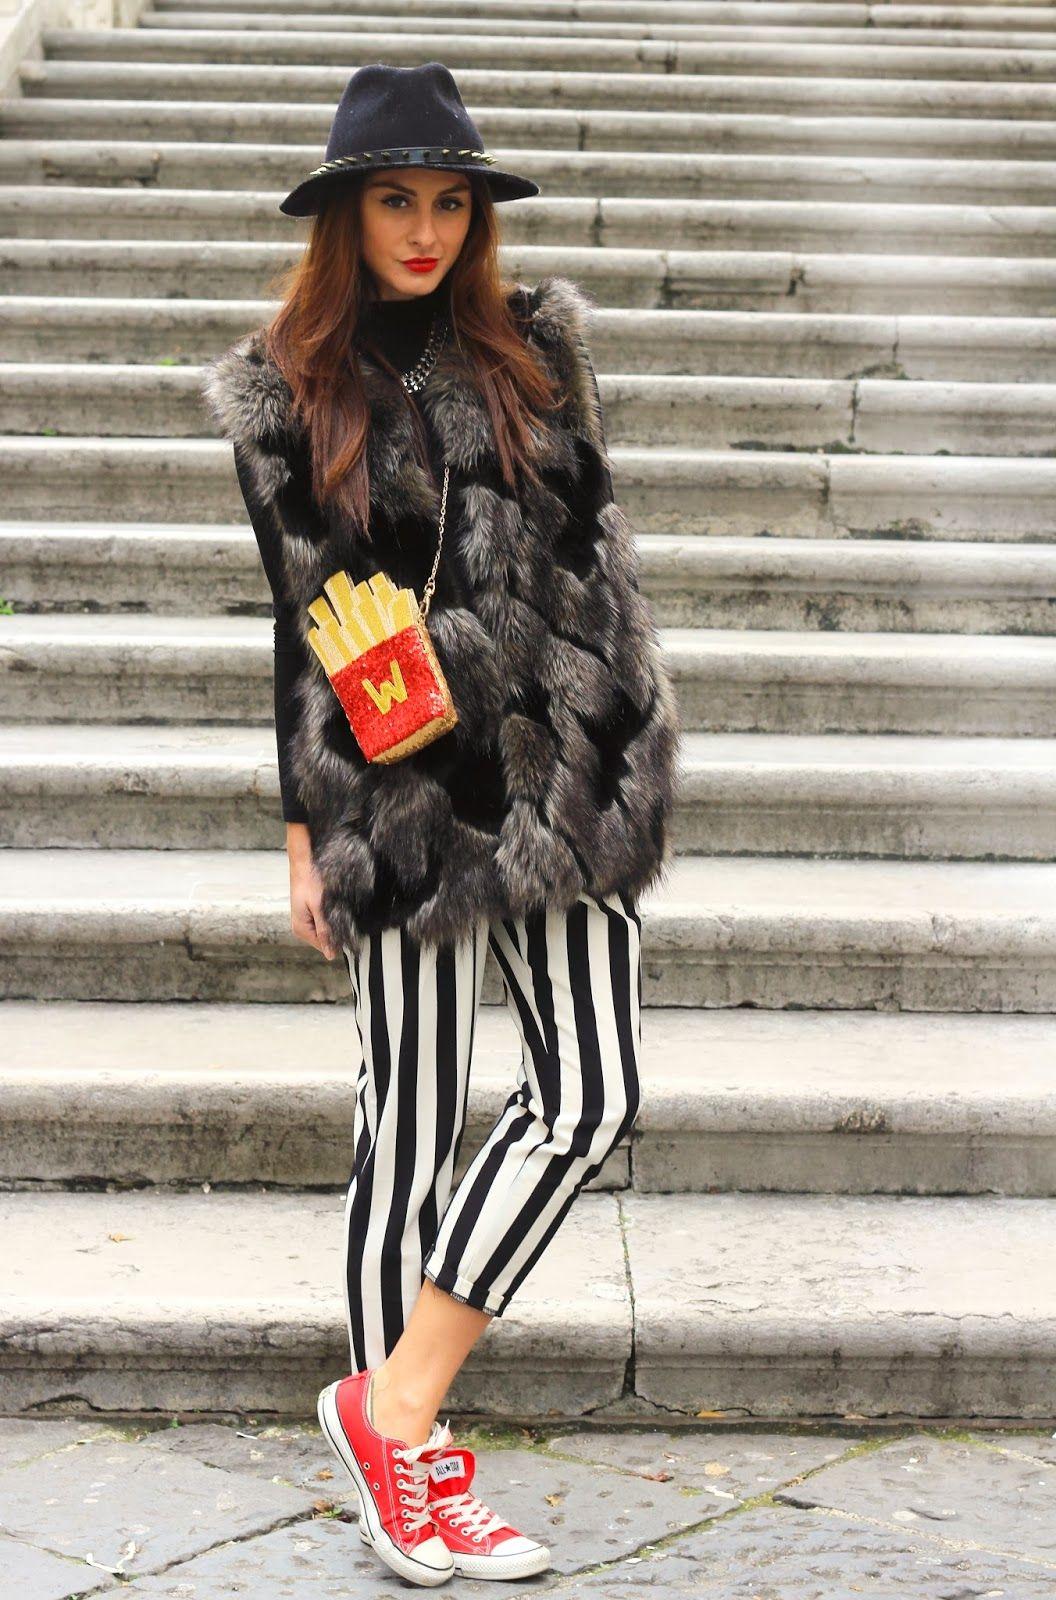 http://www.mariezamboli.com/2014/01/il-mio-outfit-con-borsa-stravagante.html  #stripes #outfit #converse #borsalino #furvest #pellicciaeco #invernale #outfitinvernale #winteroutfit #sportychic #chic #frenchfries #borsedivertenti #unique #unquebag #uniquestyle #italian #italiangirl #italianstyle #beautifulgirl #love #girl #beauty #tutorial